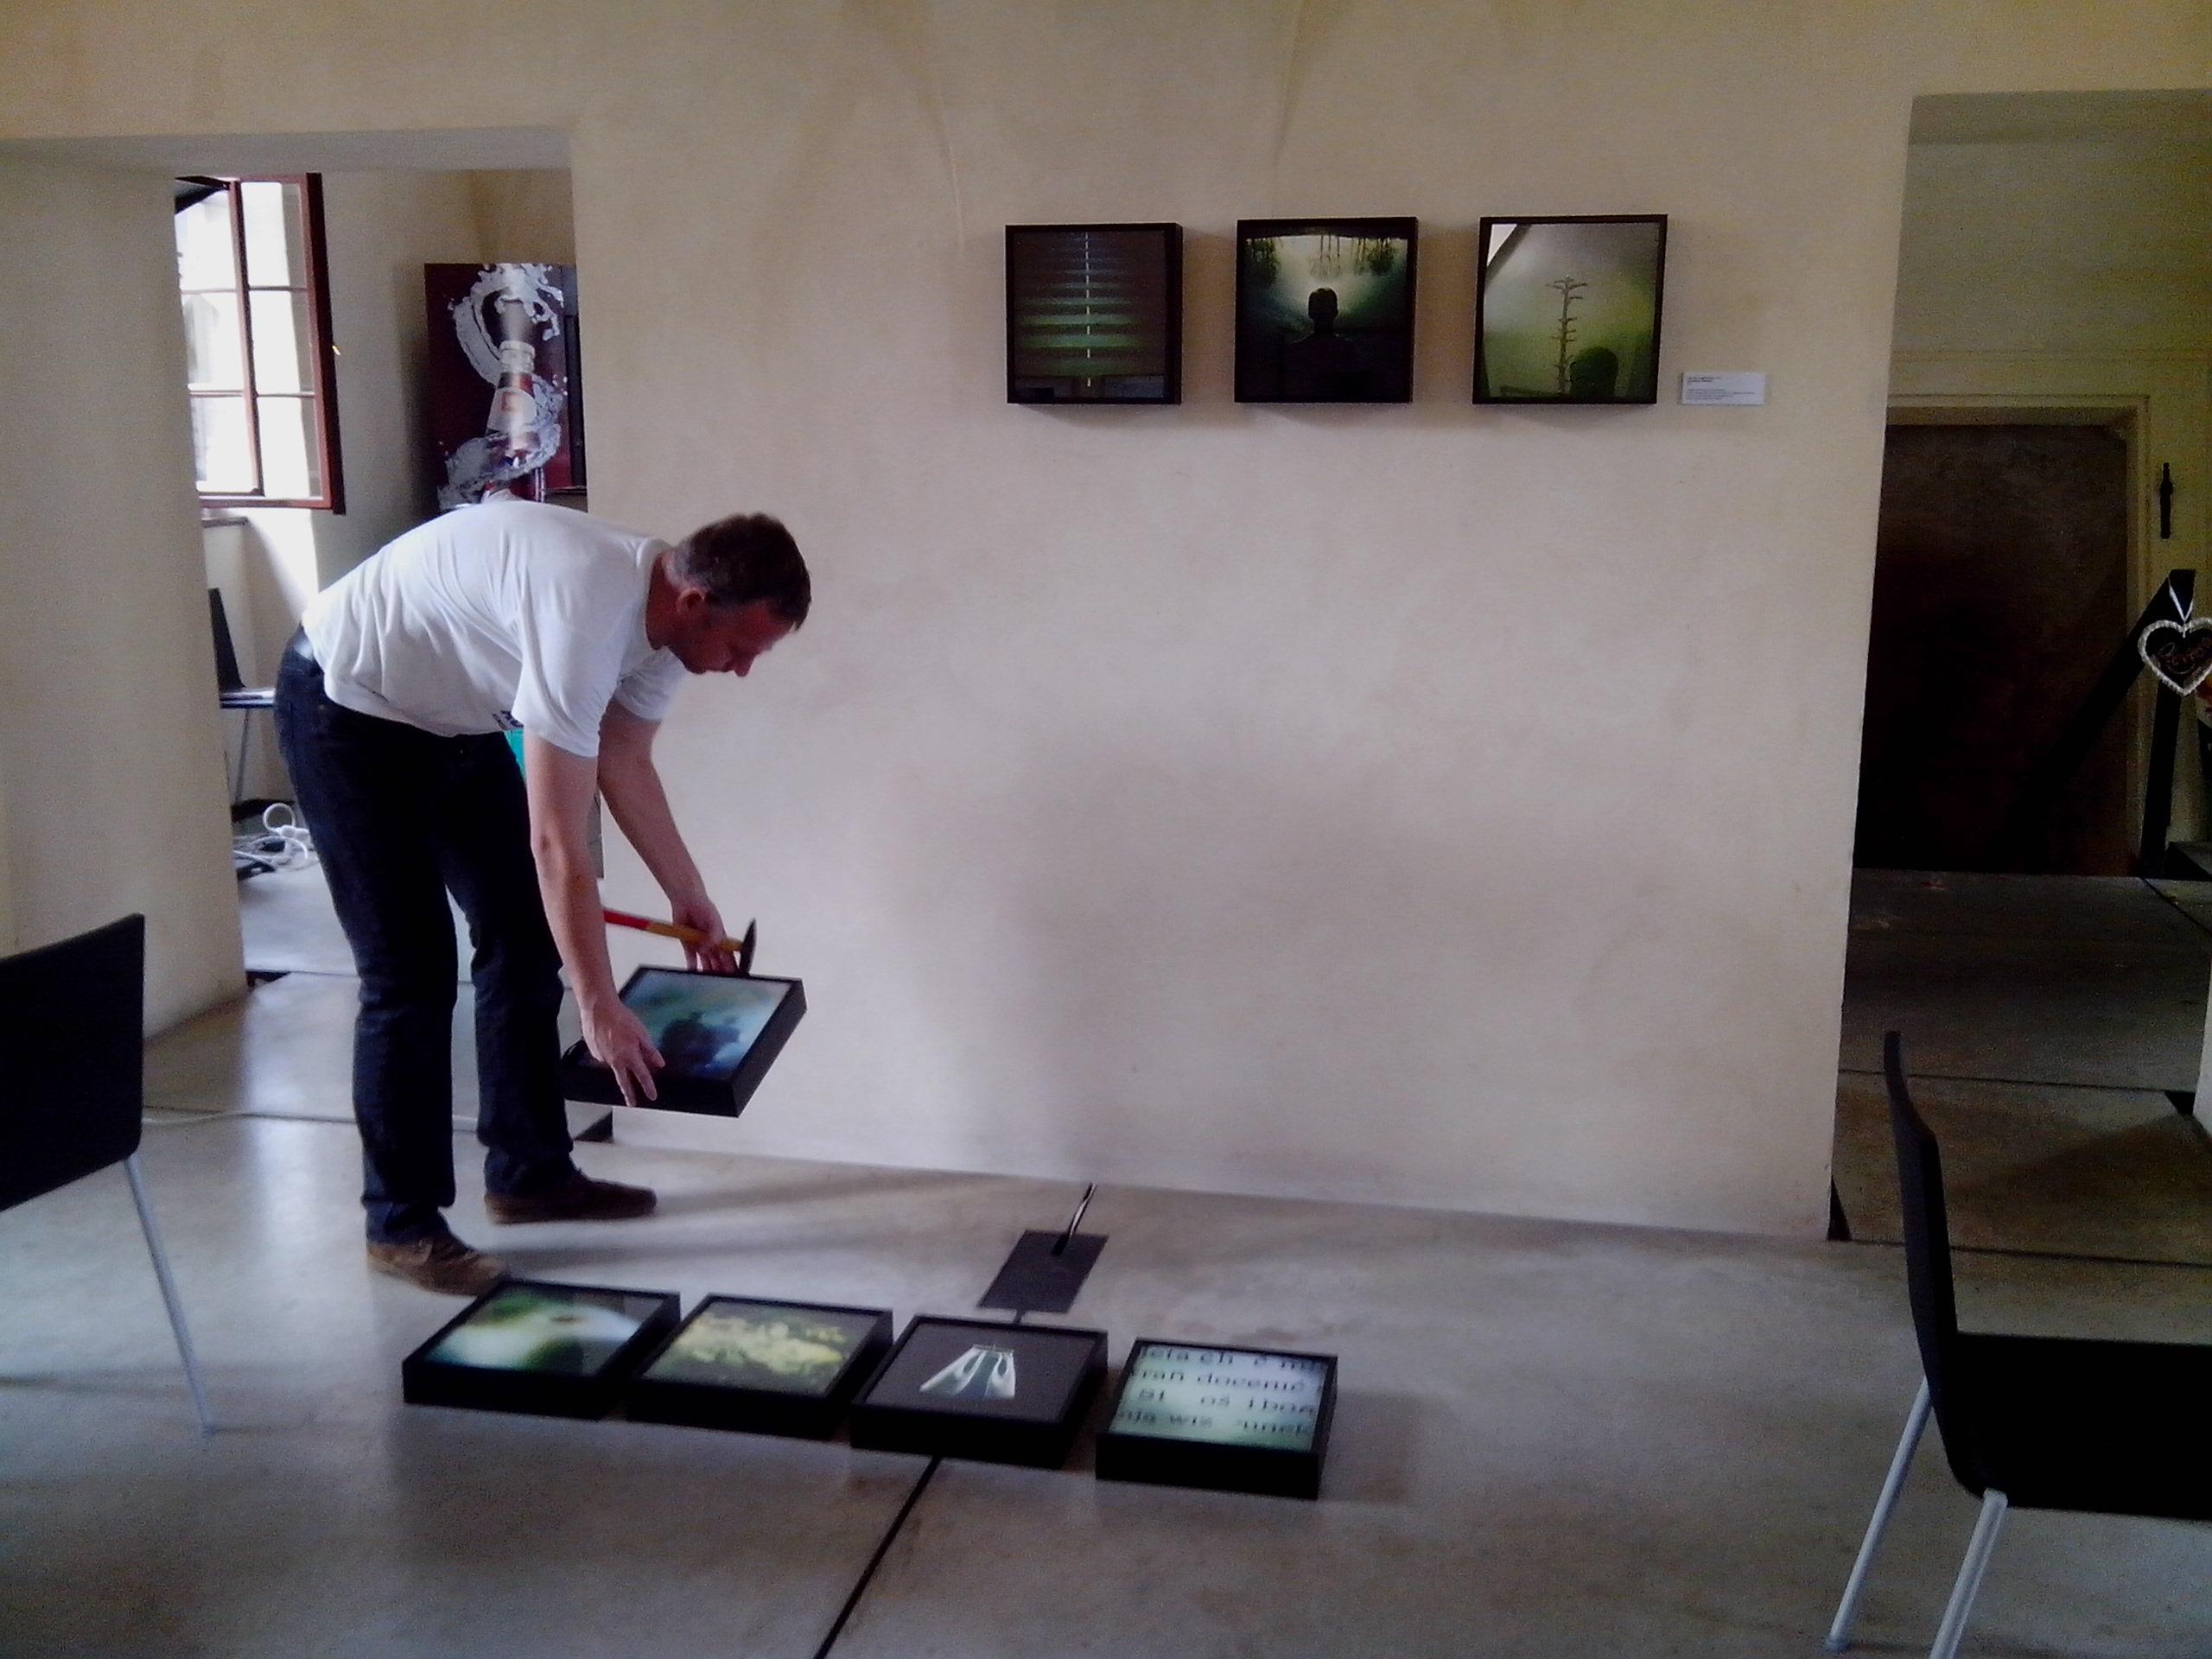 Svaťa klesnil se instalace výstav vůbec nebojí